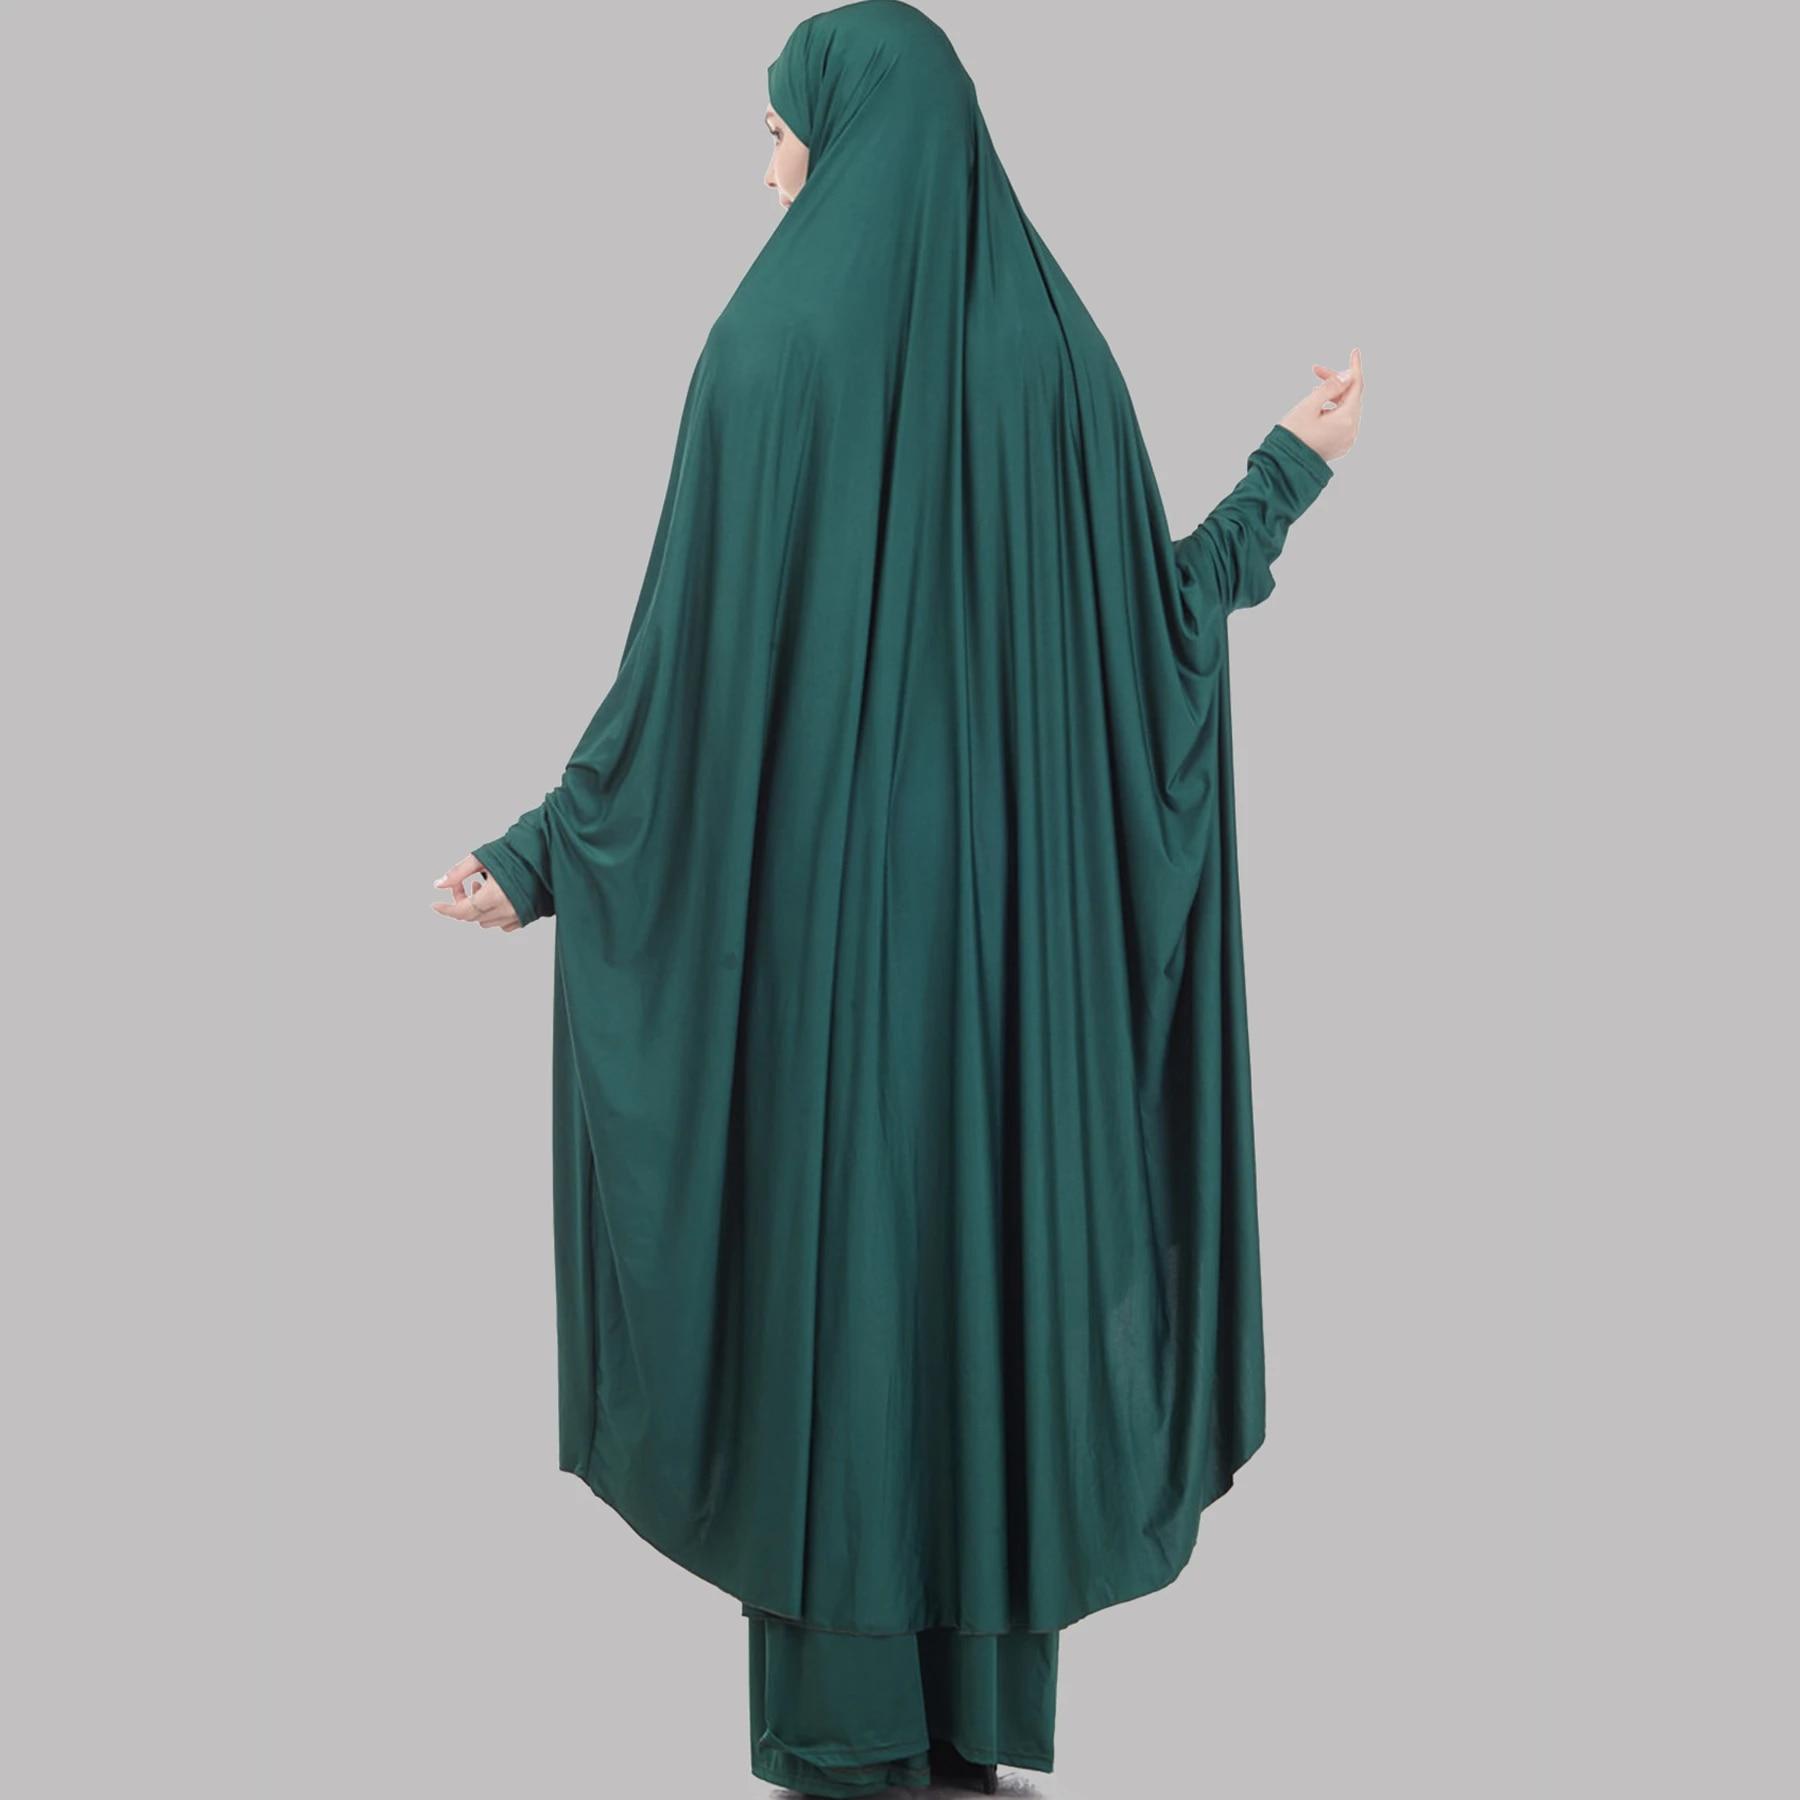 ABAYA-Kopftuch-Hijab Gebetskleidung 2-tlg Set aus Khimar /& Rock langer Ärmel